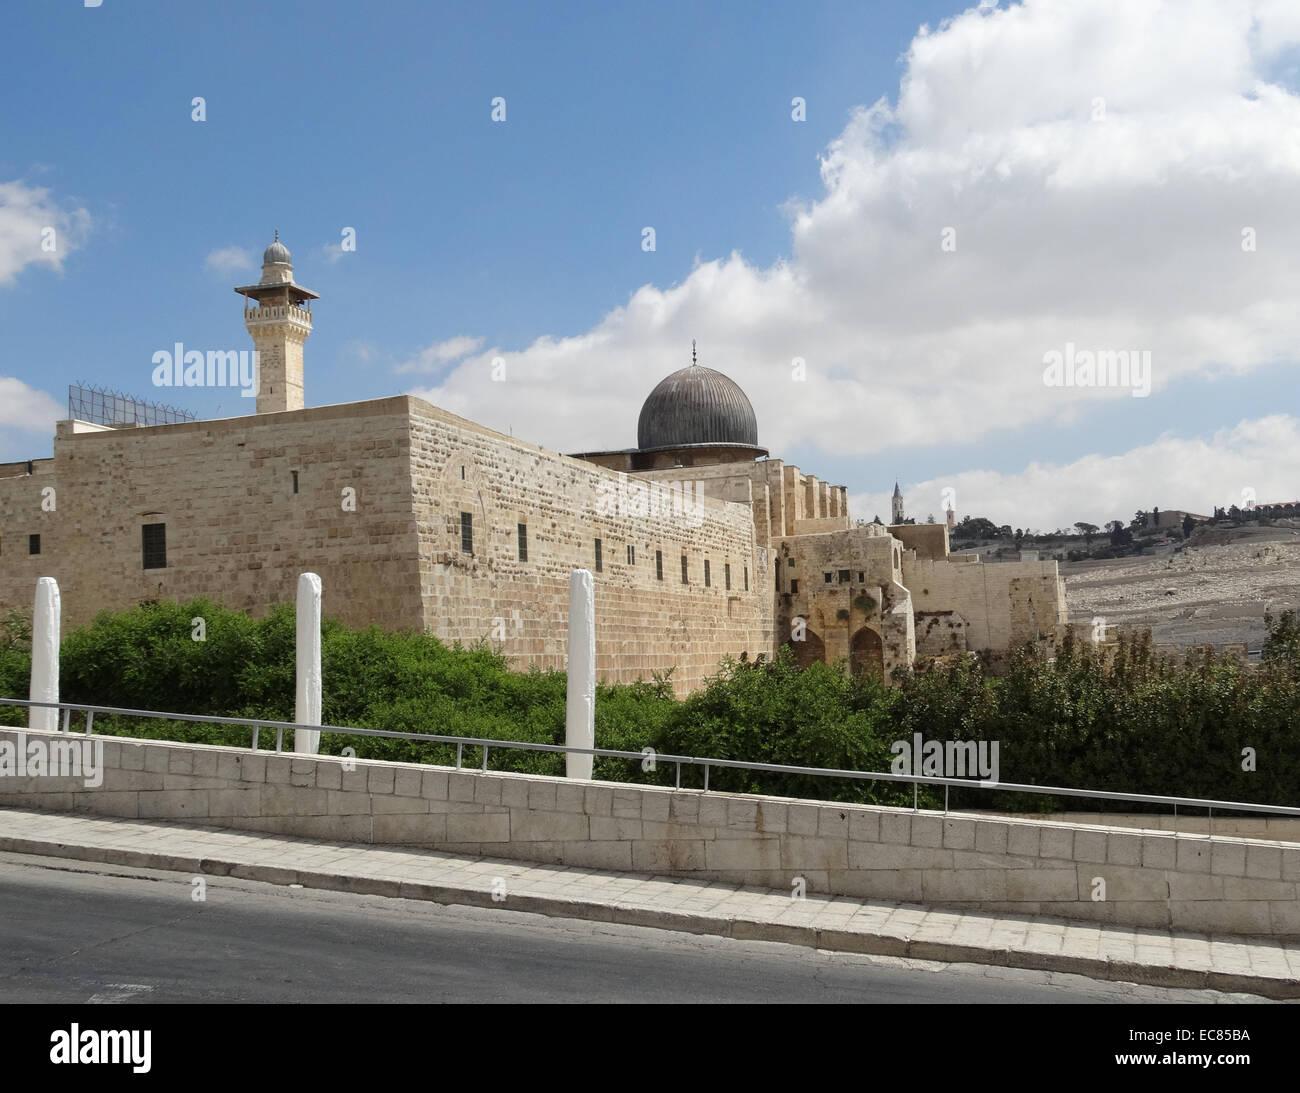 Die Al-Aqsa-Moschee; die drittheiligste Stätte des Islam; Das Hotel liegt in der Altstadt von Jerusalem. Stockbild